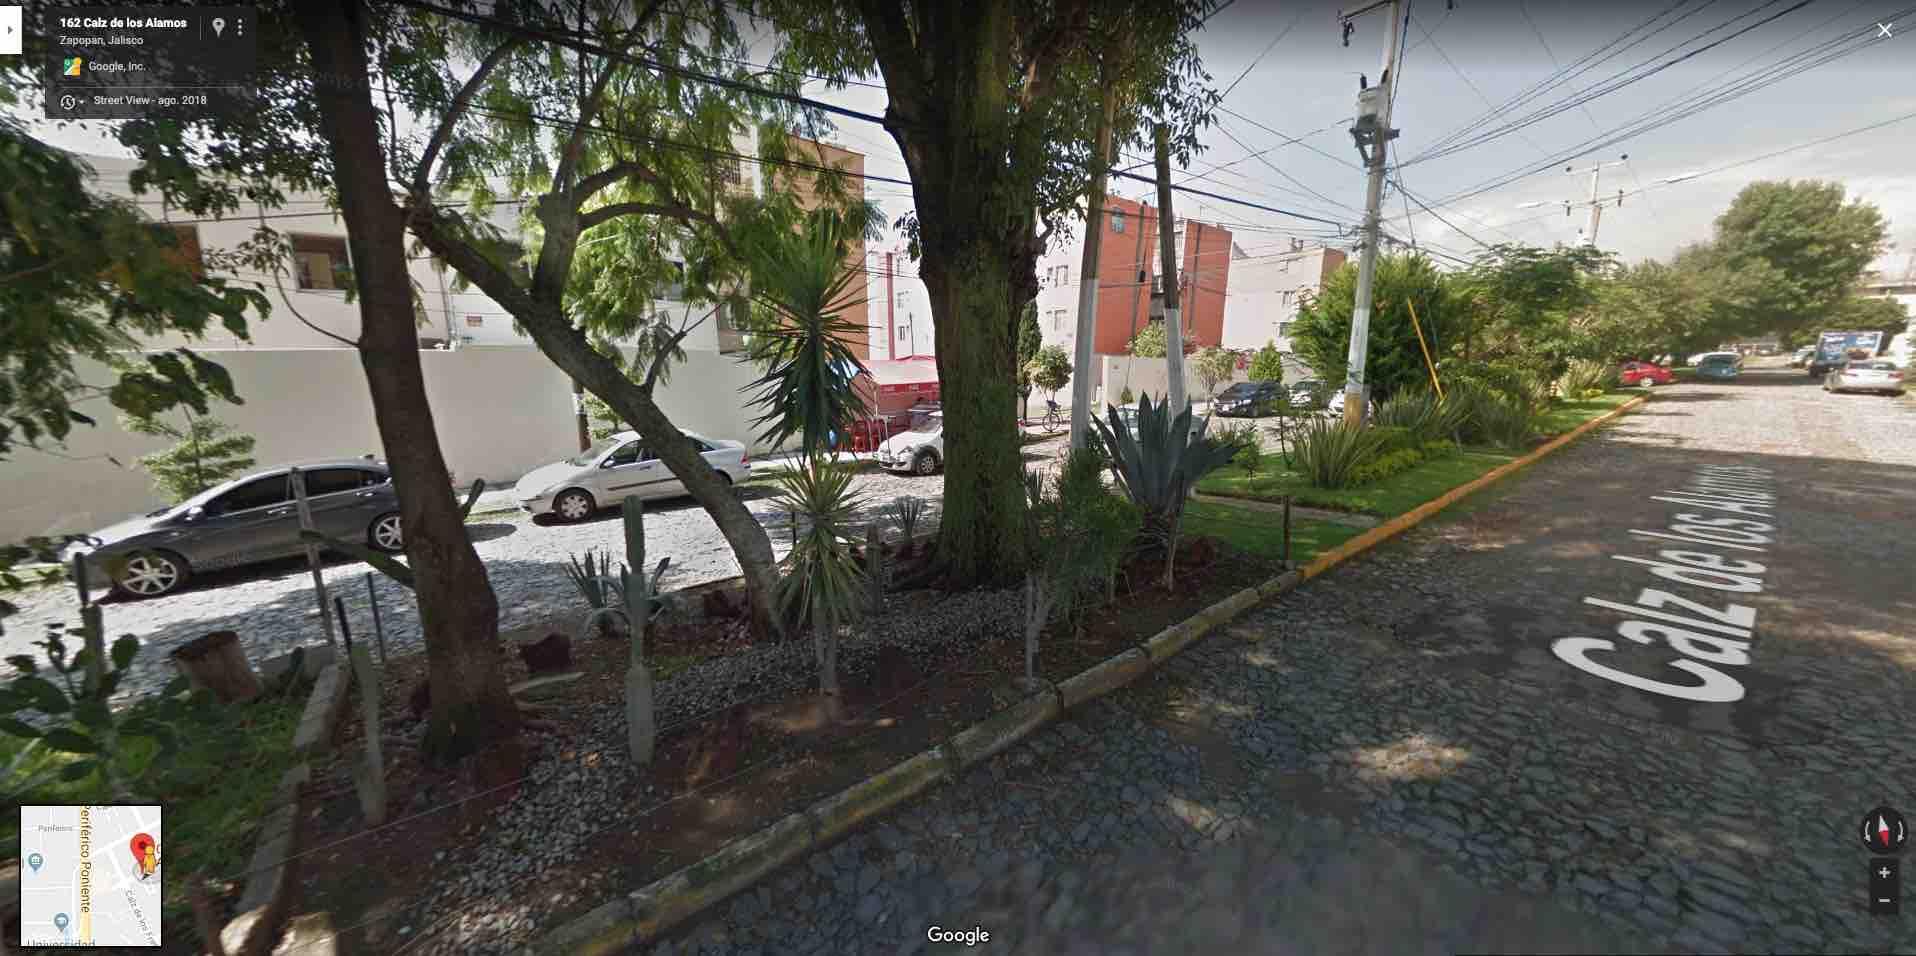 Fracc. Ciudad Granja, Calz. De Los Alamos 311, Depto. 4, Torre G, Zapopan, Jal. C.P. 45010